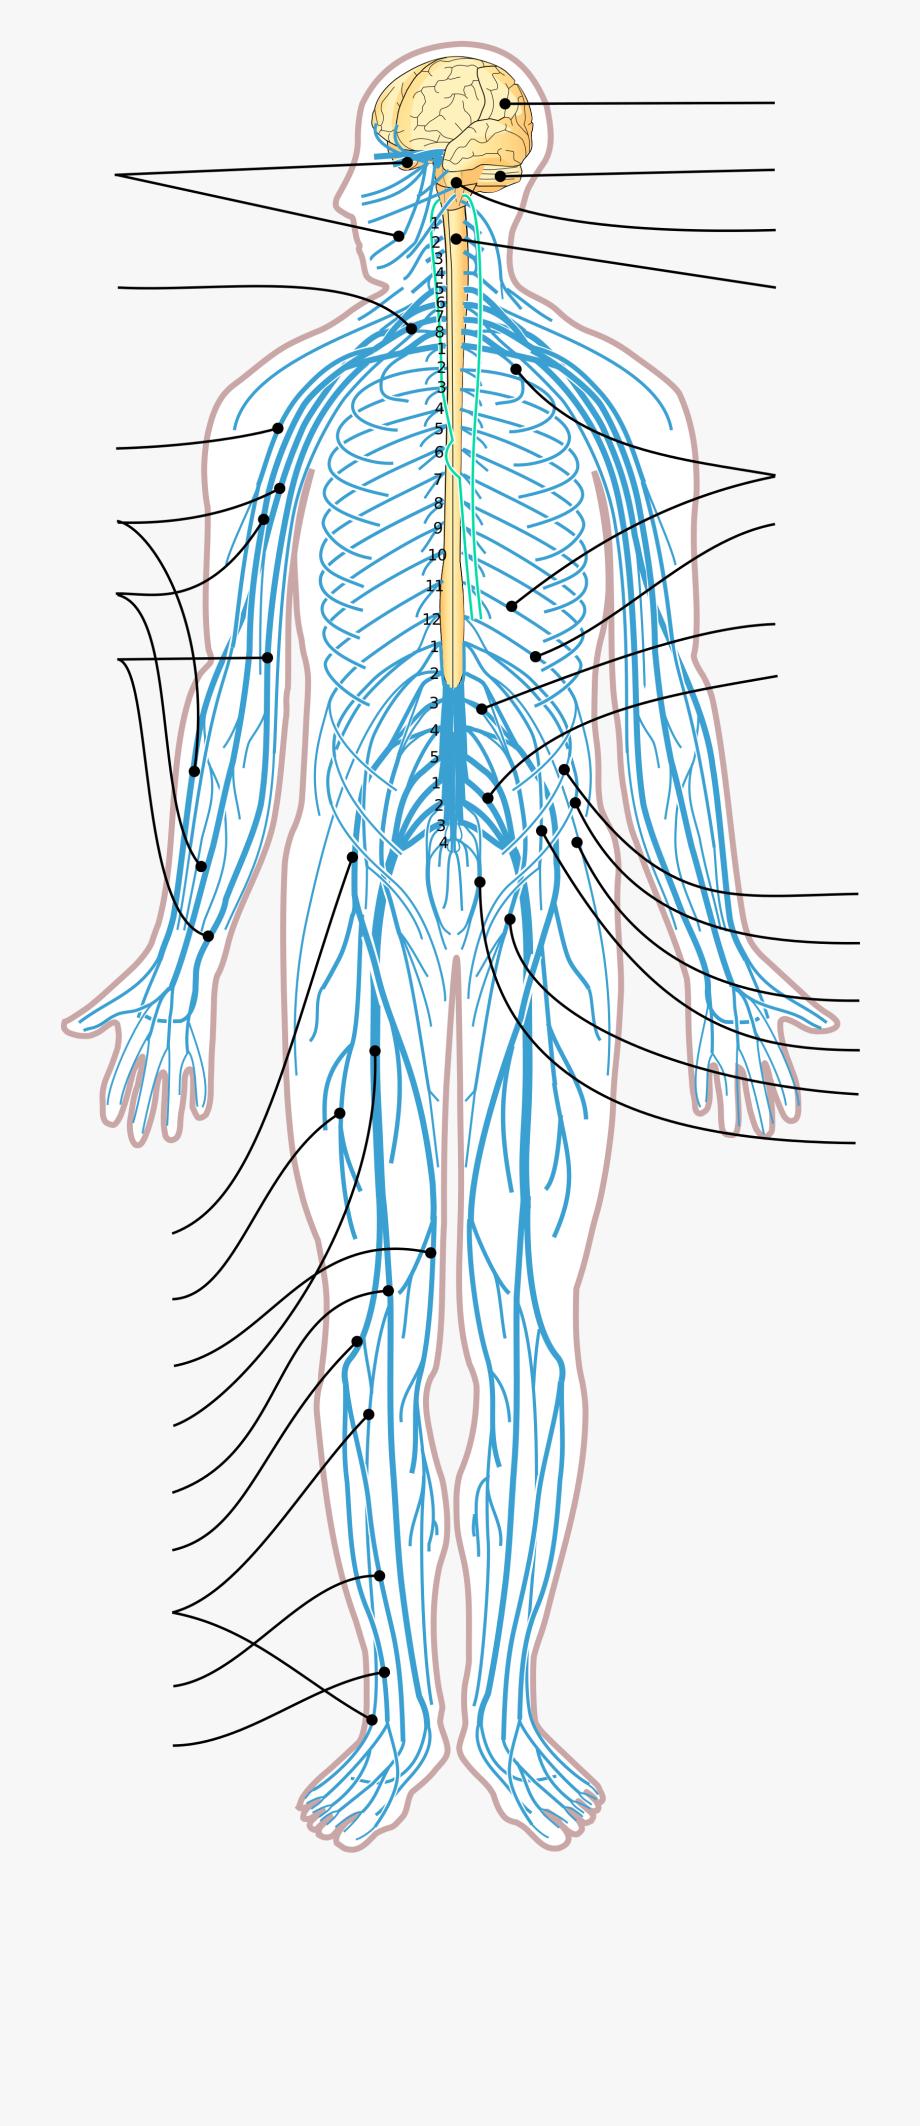 Png Nervous System.